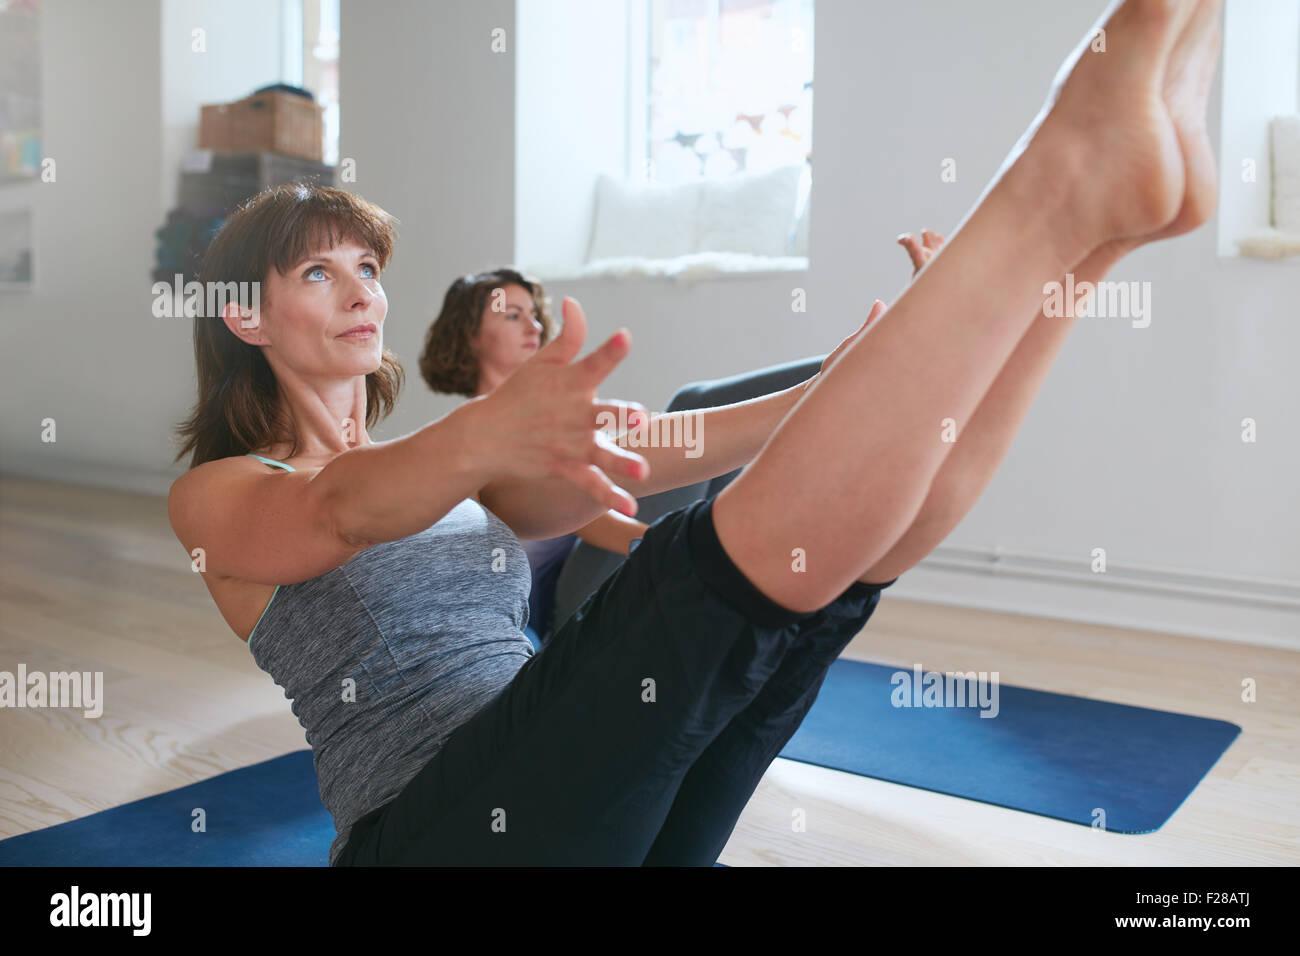 Frauen üben stretching und Yoga Training Übung zusammen in einem Health Club Fitnessstudio Klasse Trainingseinheit. Stockbild